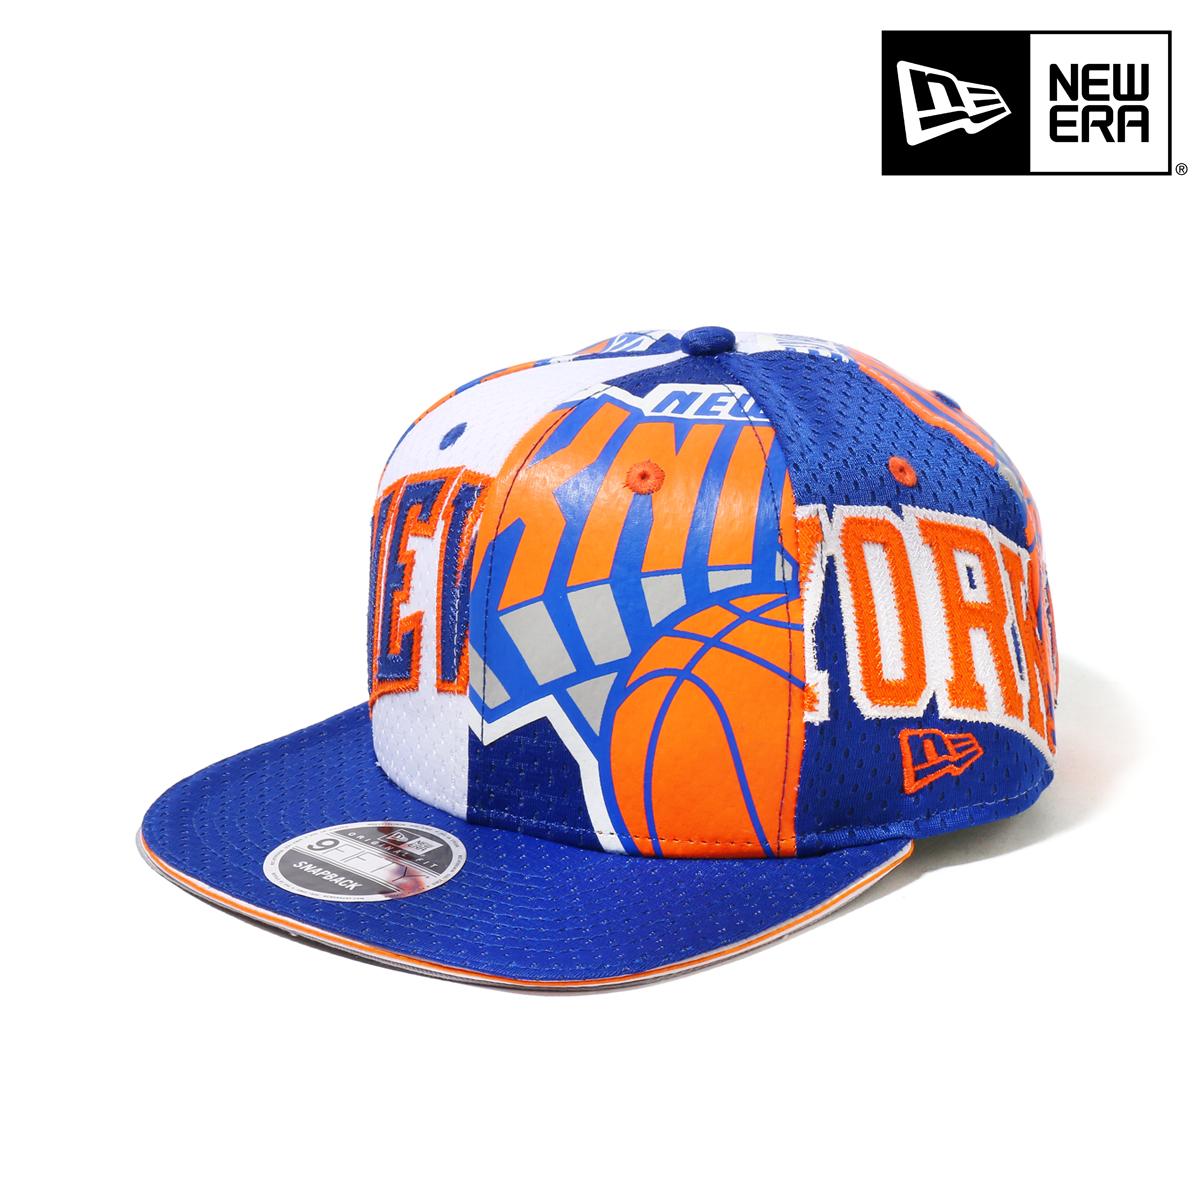 db1b93f0108 NEW ERA 9FIFTY Original Fit NBA Jersey Mesh NEW YORK KNICKS (BLUE) (new  gills 9 fifty original fitting NBA jersey mesh New York Knicks)